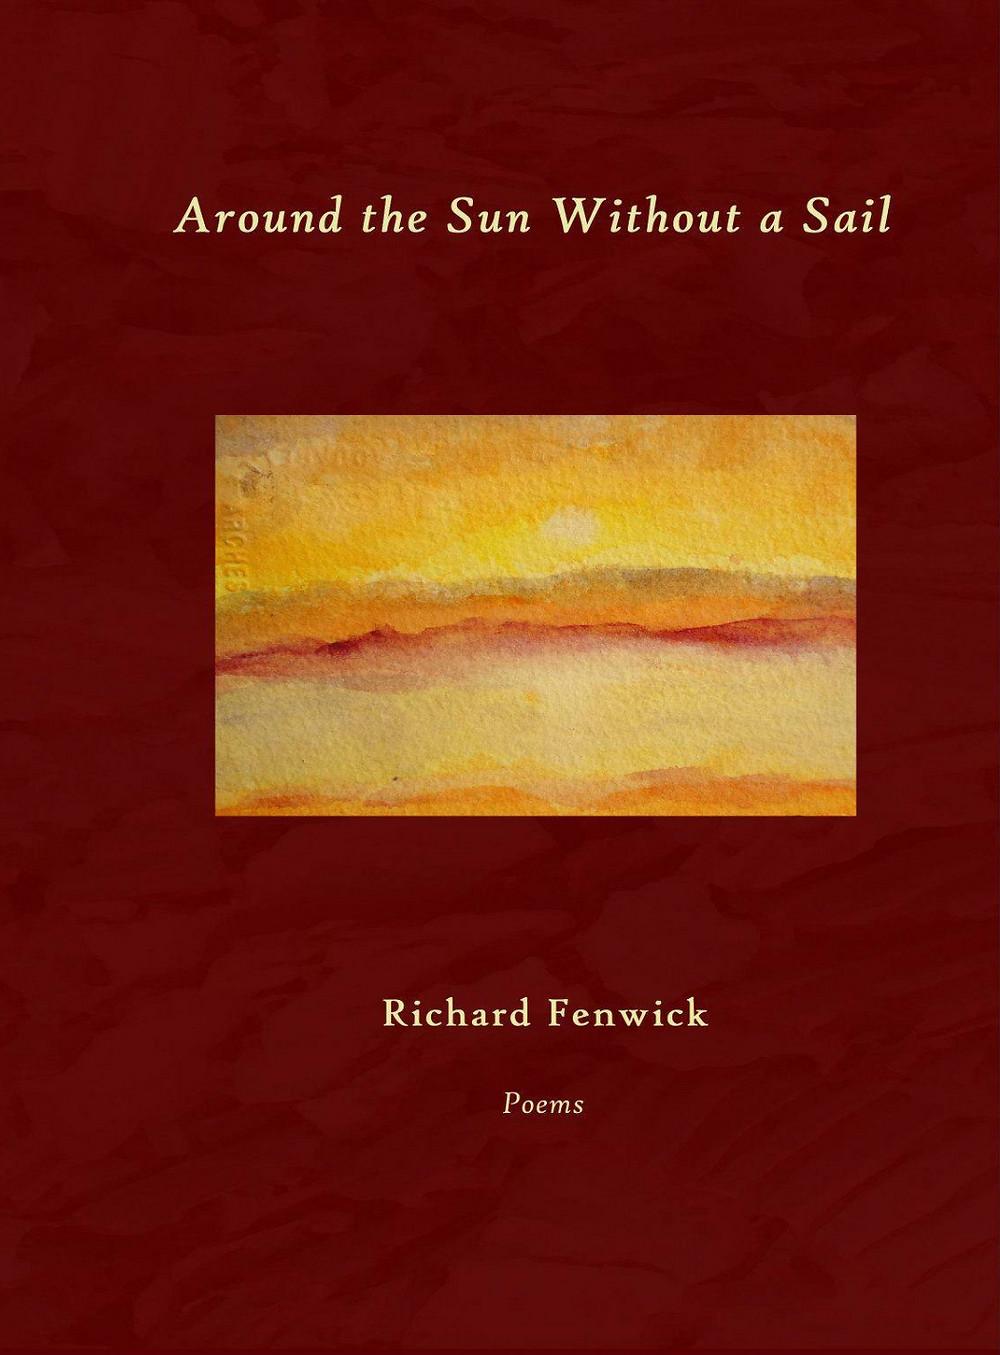 Richard Fenwick book cover_edited.jpg